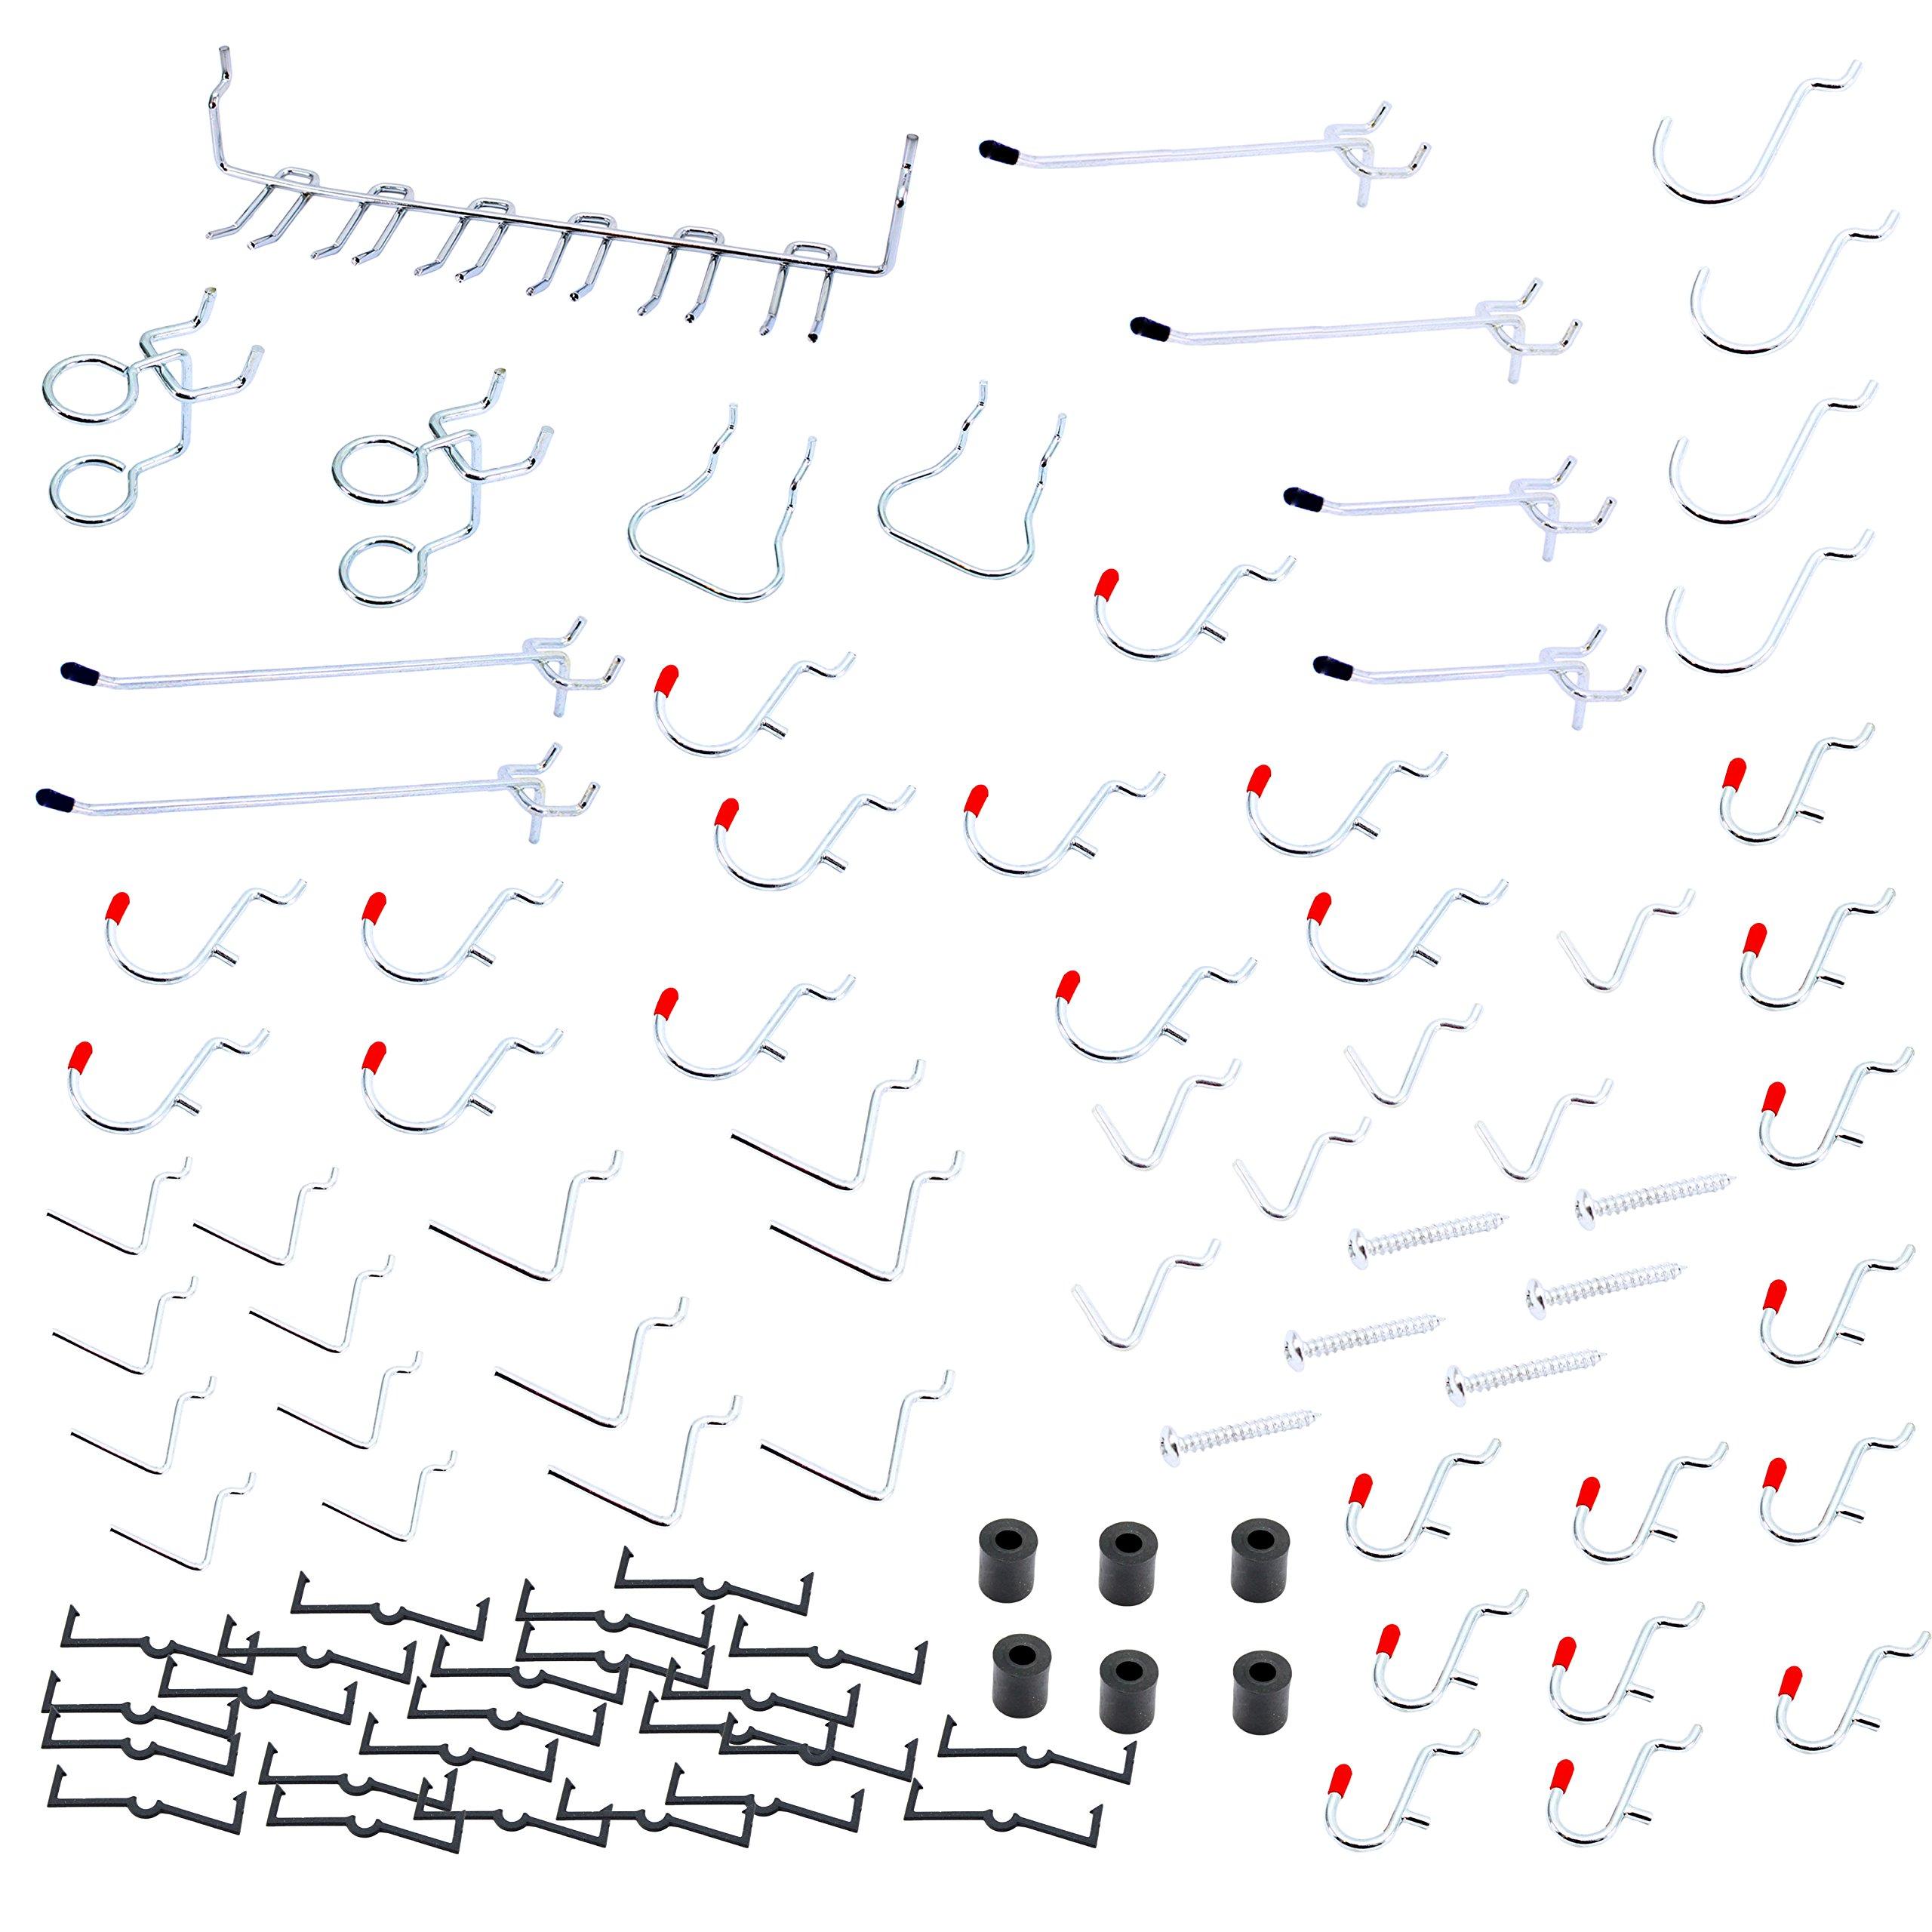 Pegboard Hooks Variety Set, Peg Hooks Variety Assortment, Peg Board Hooks Kit